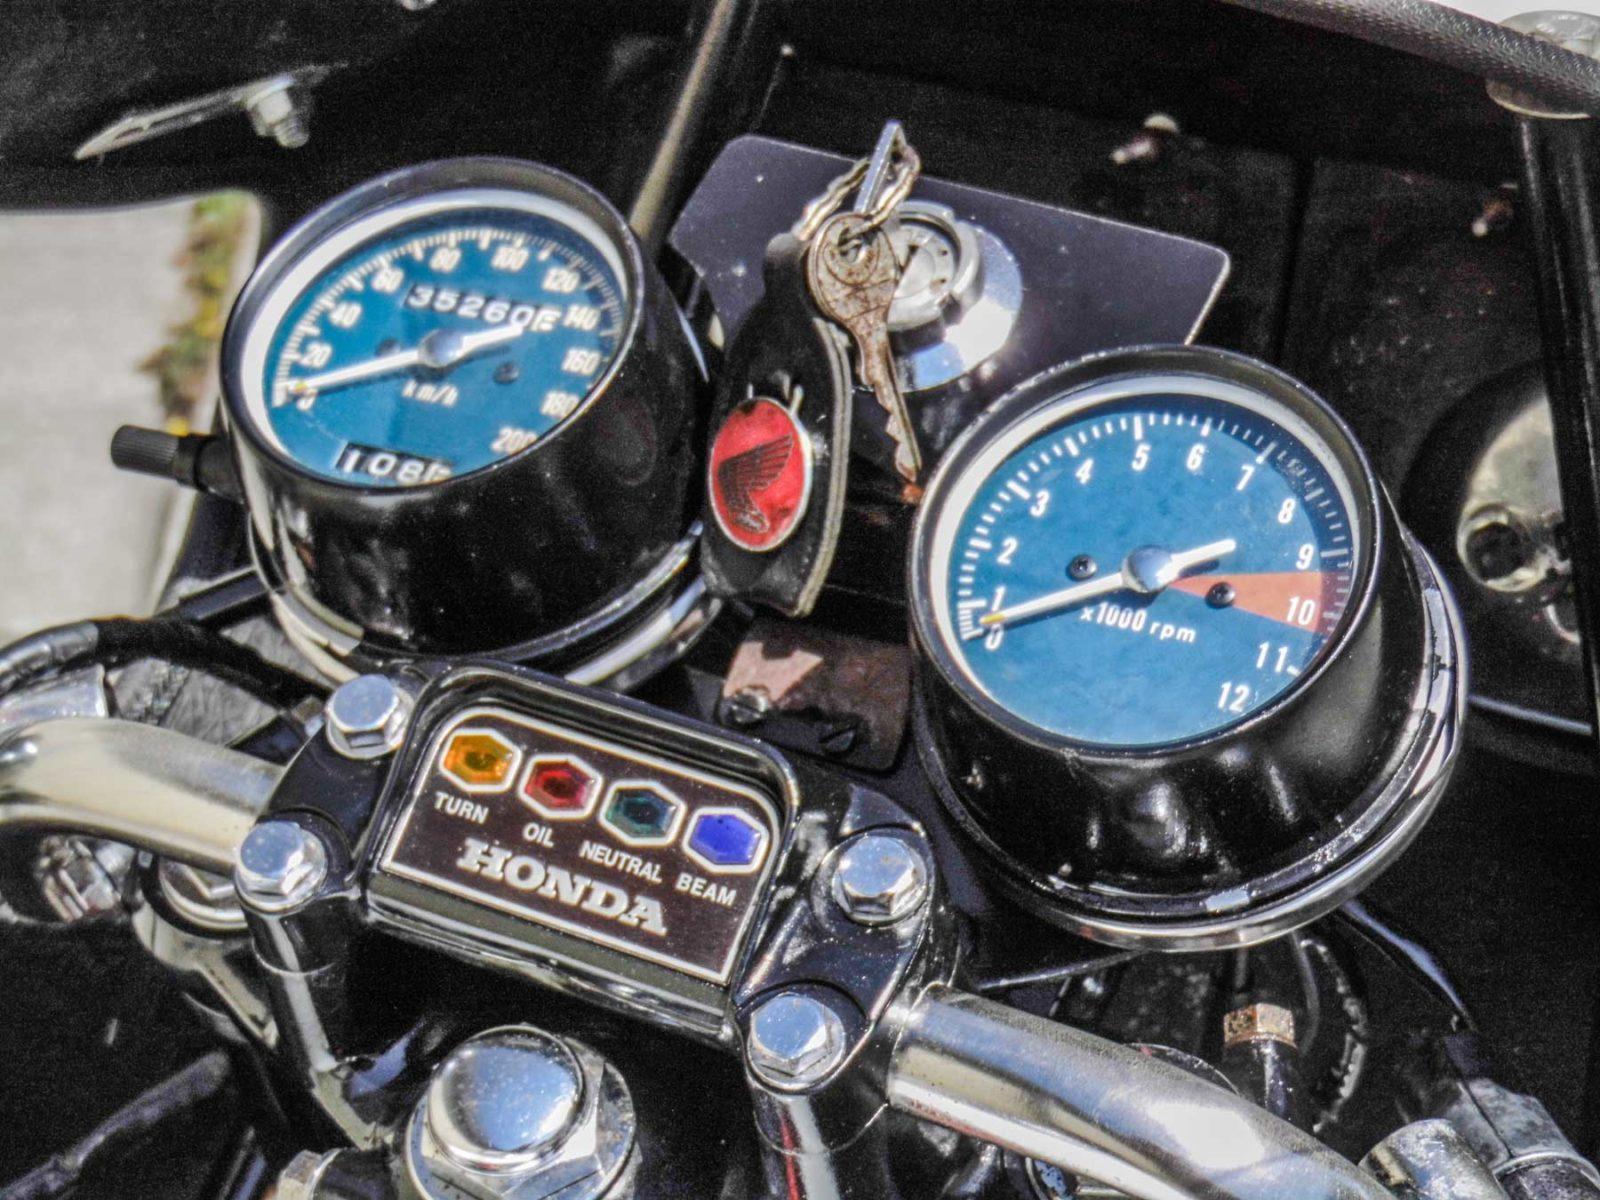 Honda CB 500 F cockpit